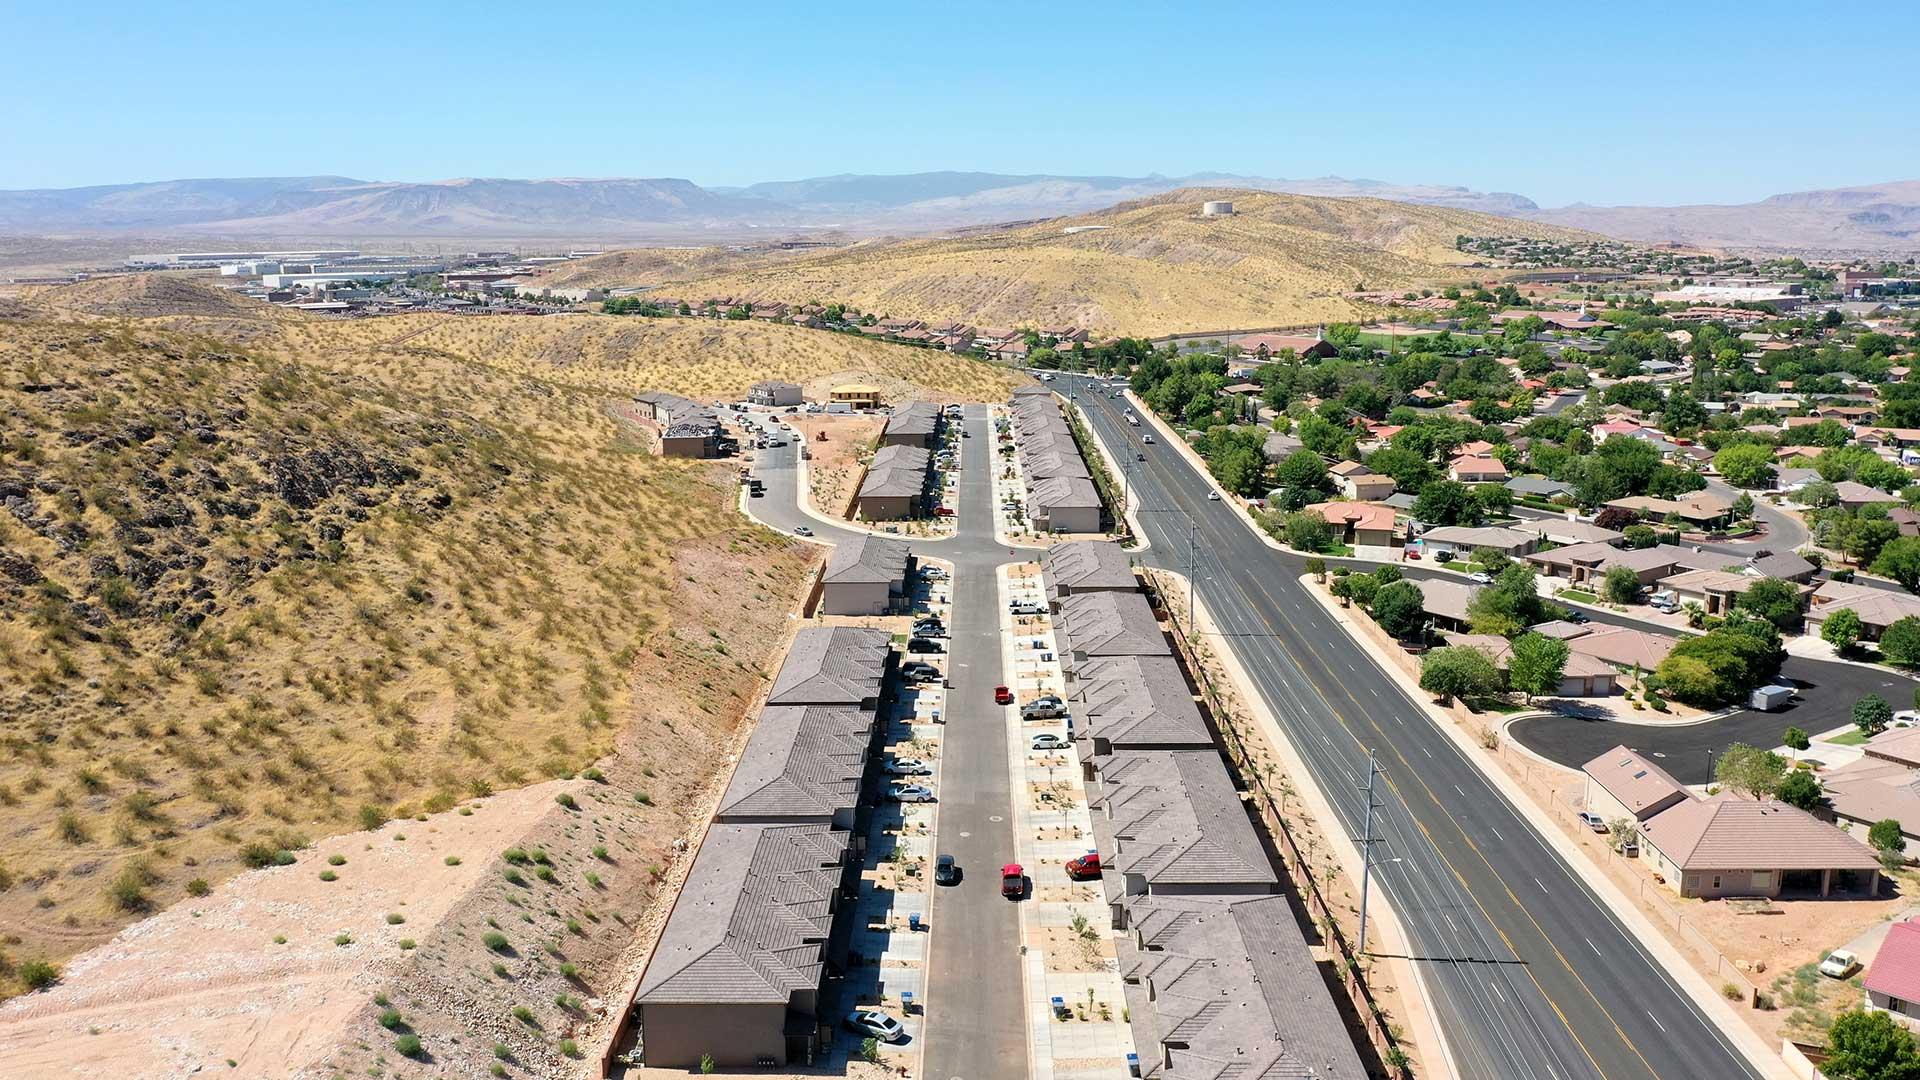 Townhomes St. George Utah